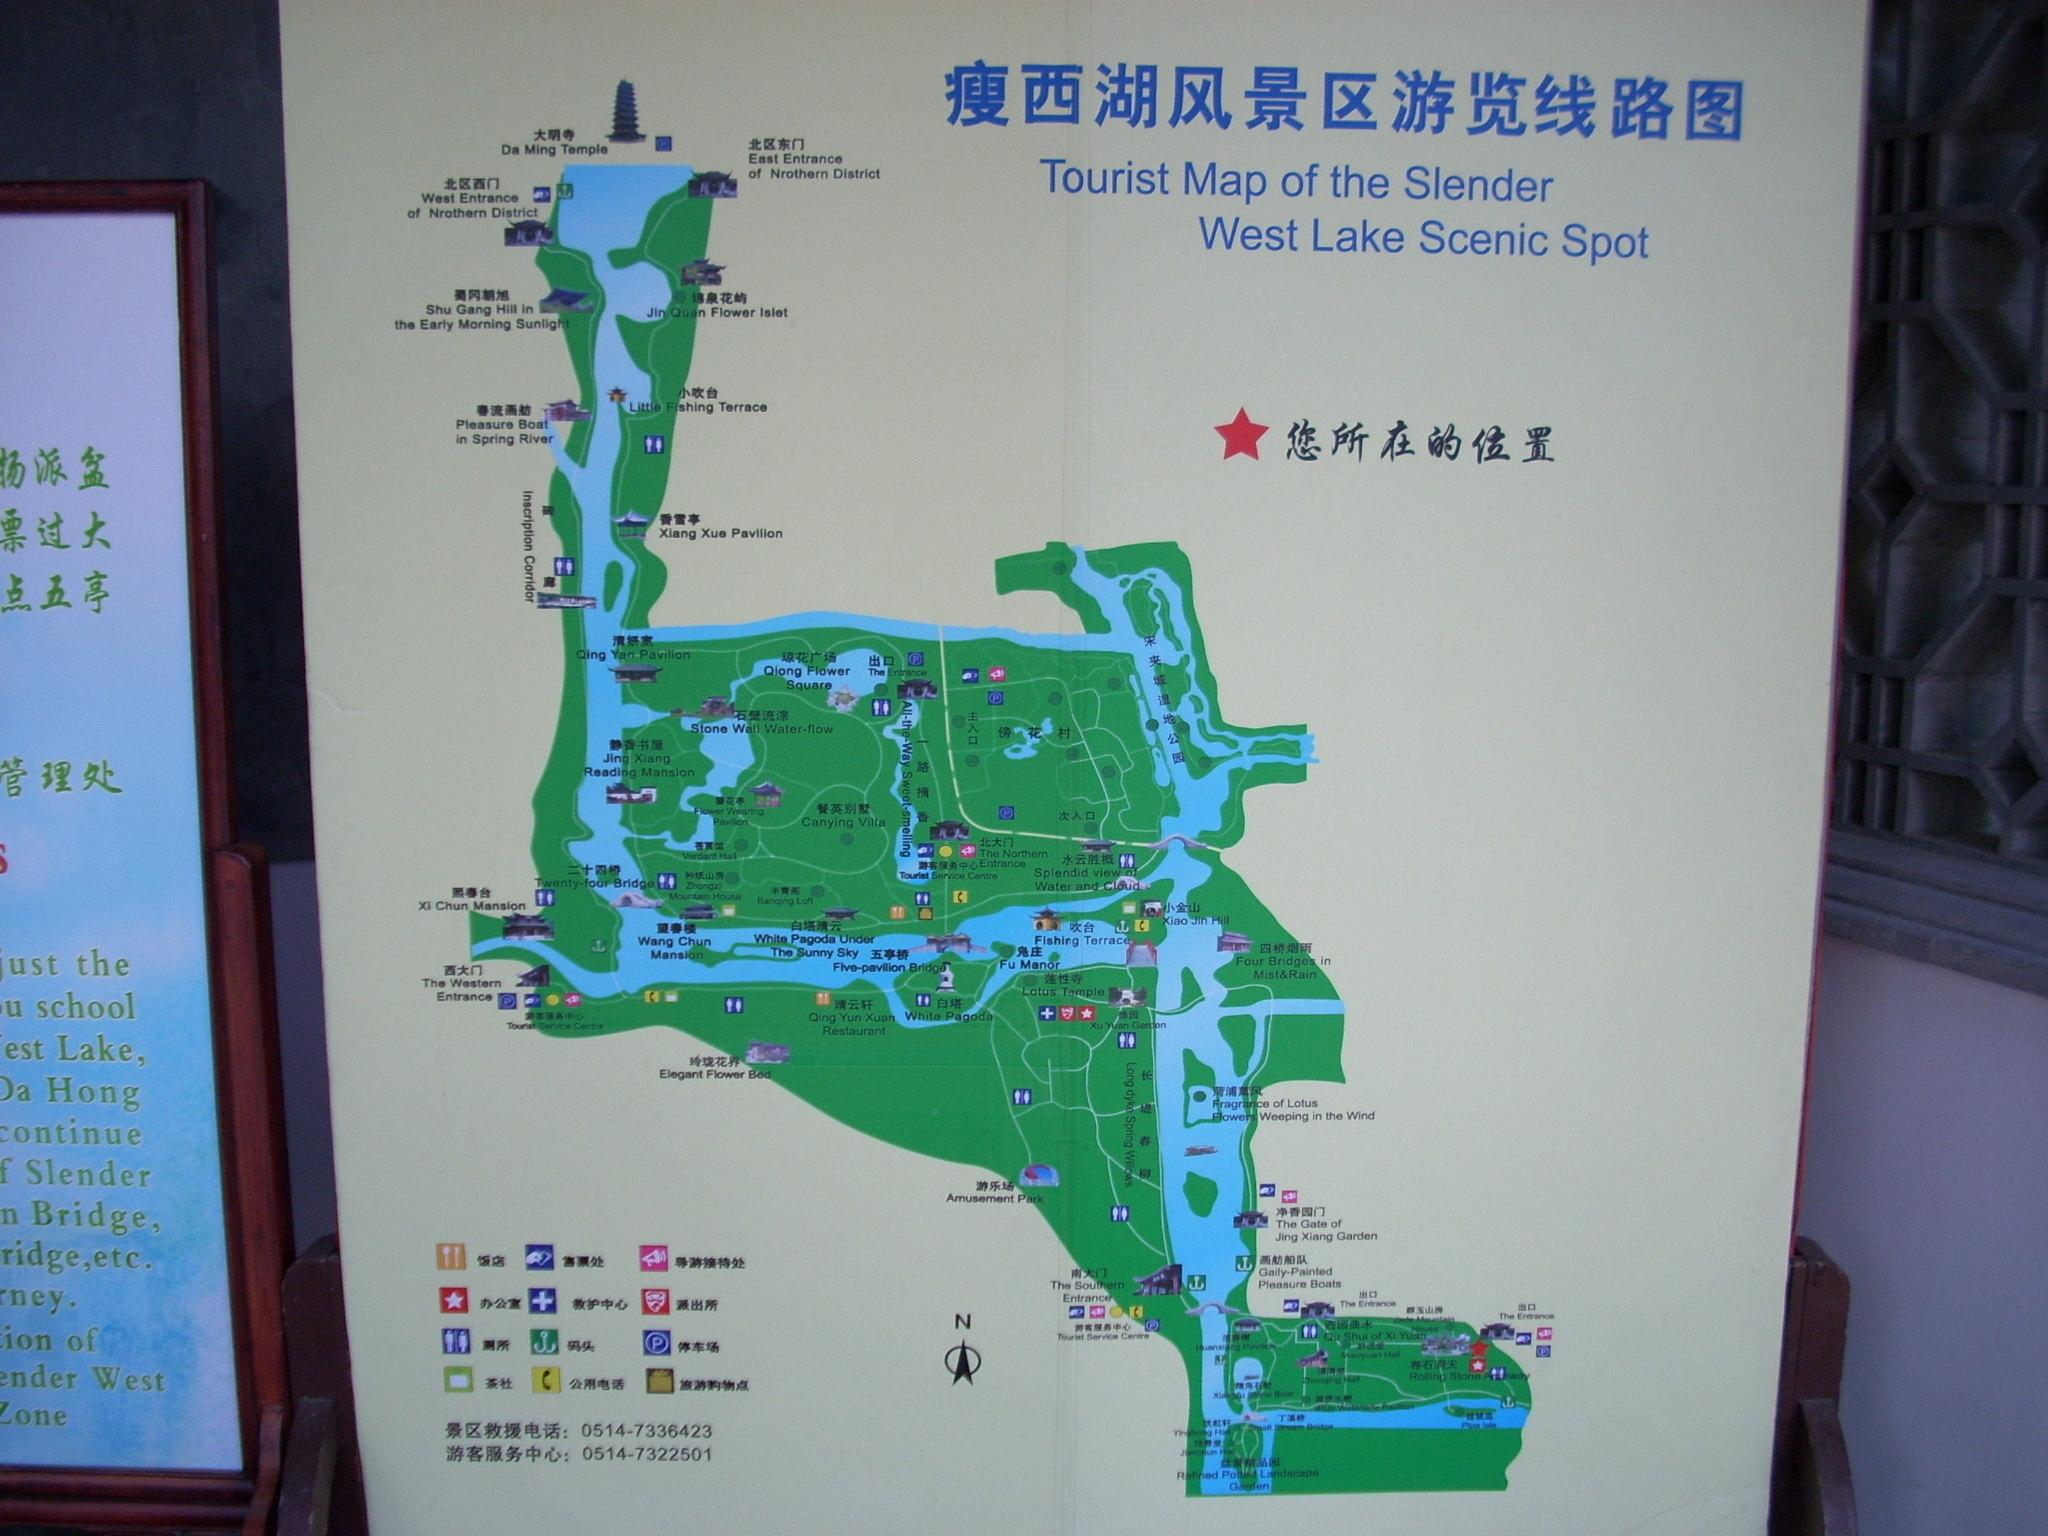 【携程攻略】江苏瘦西湖景点